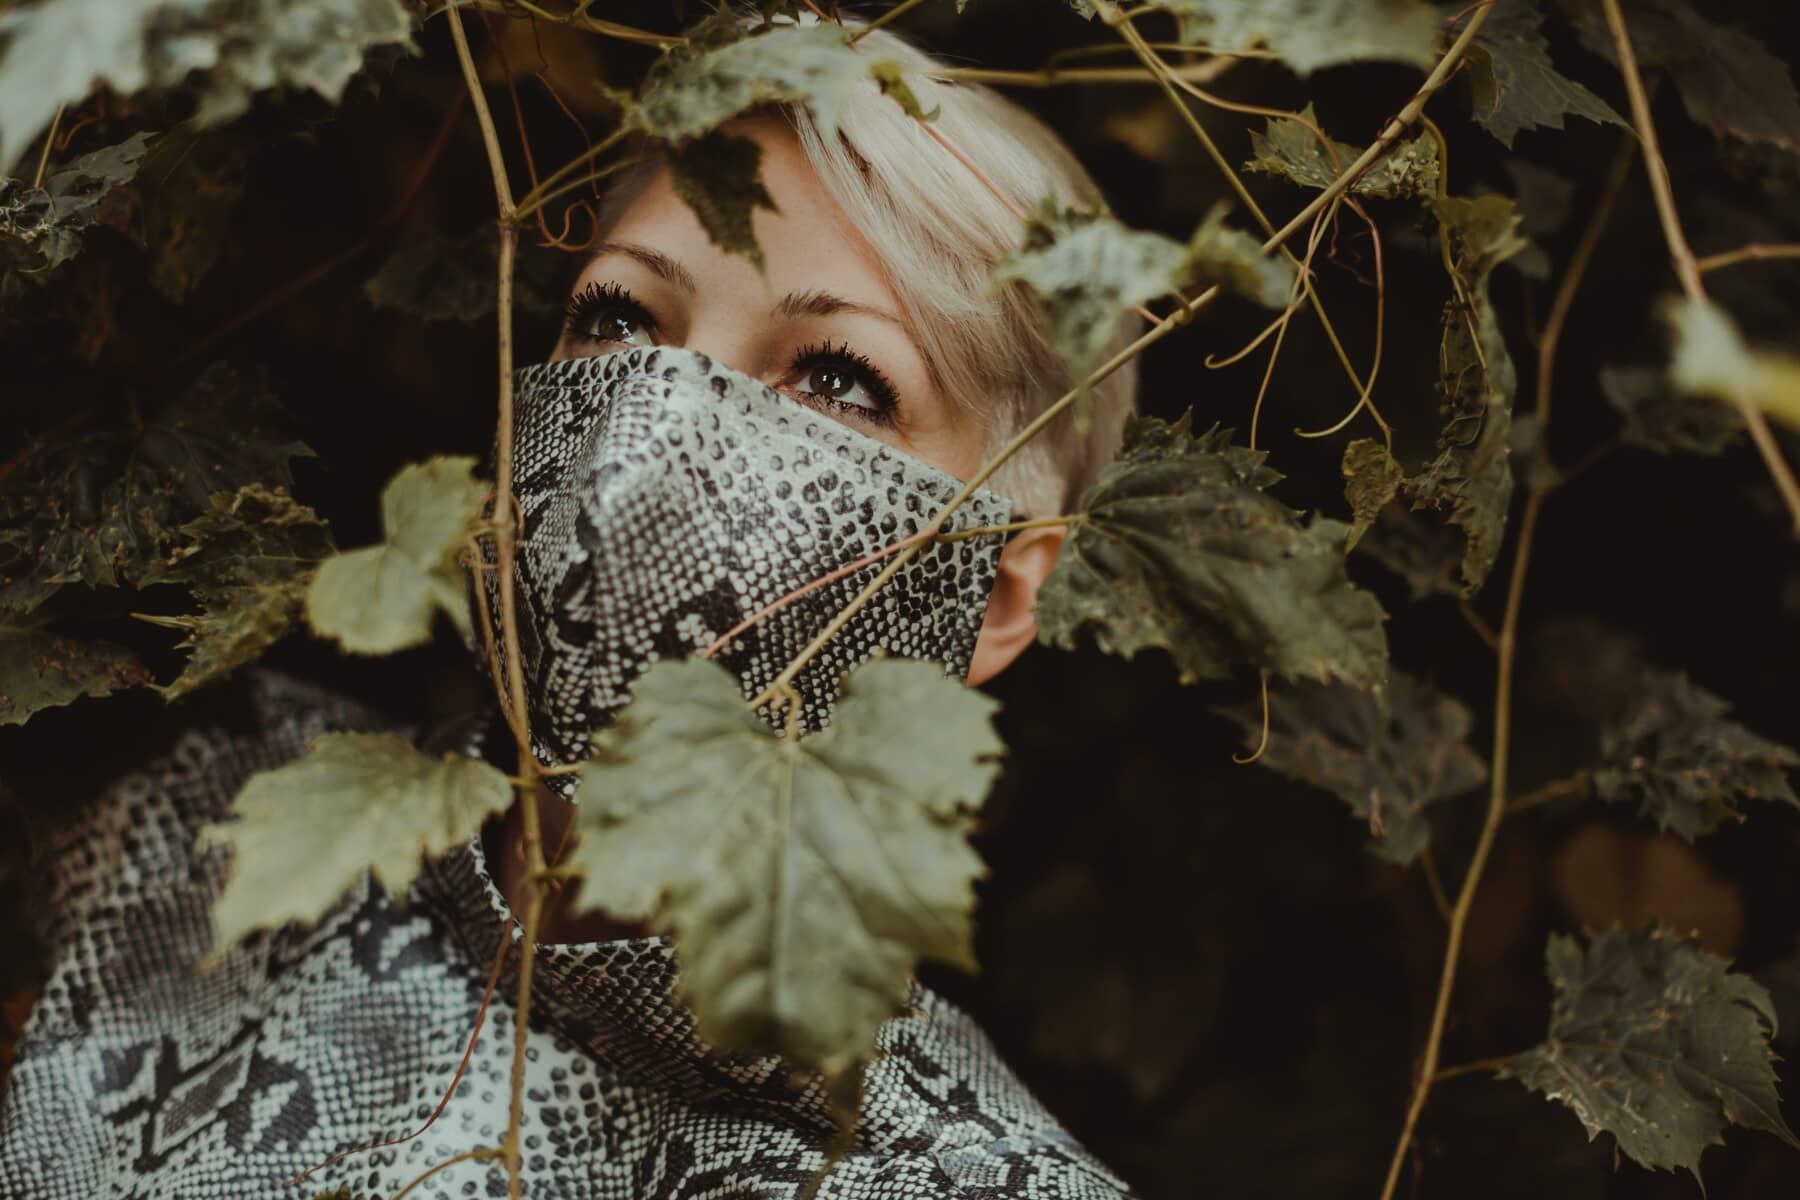 retrato, senhora, glamour, estilo, moda, facial máscara, moderna, folha, pessoas, Escuro